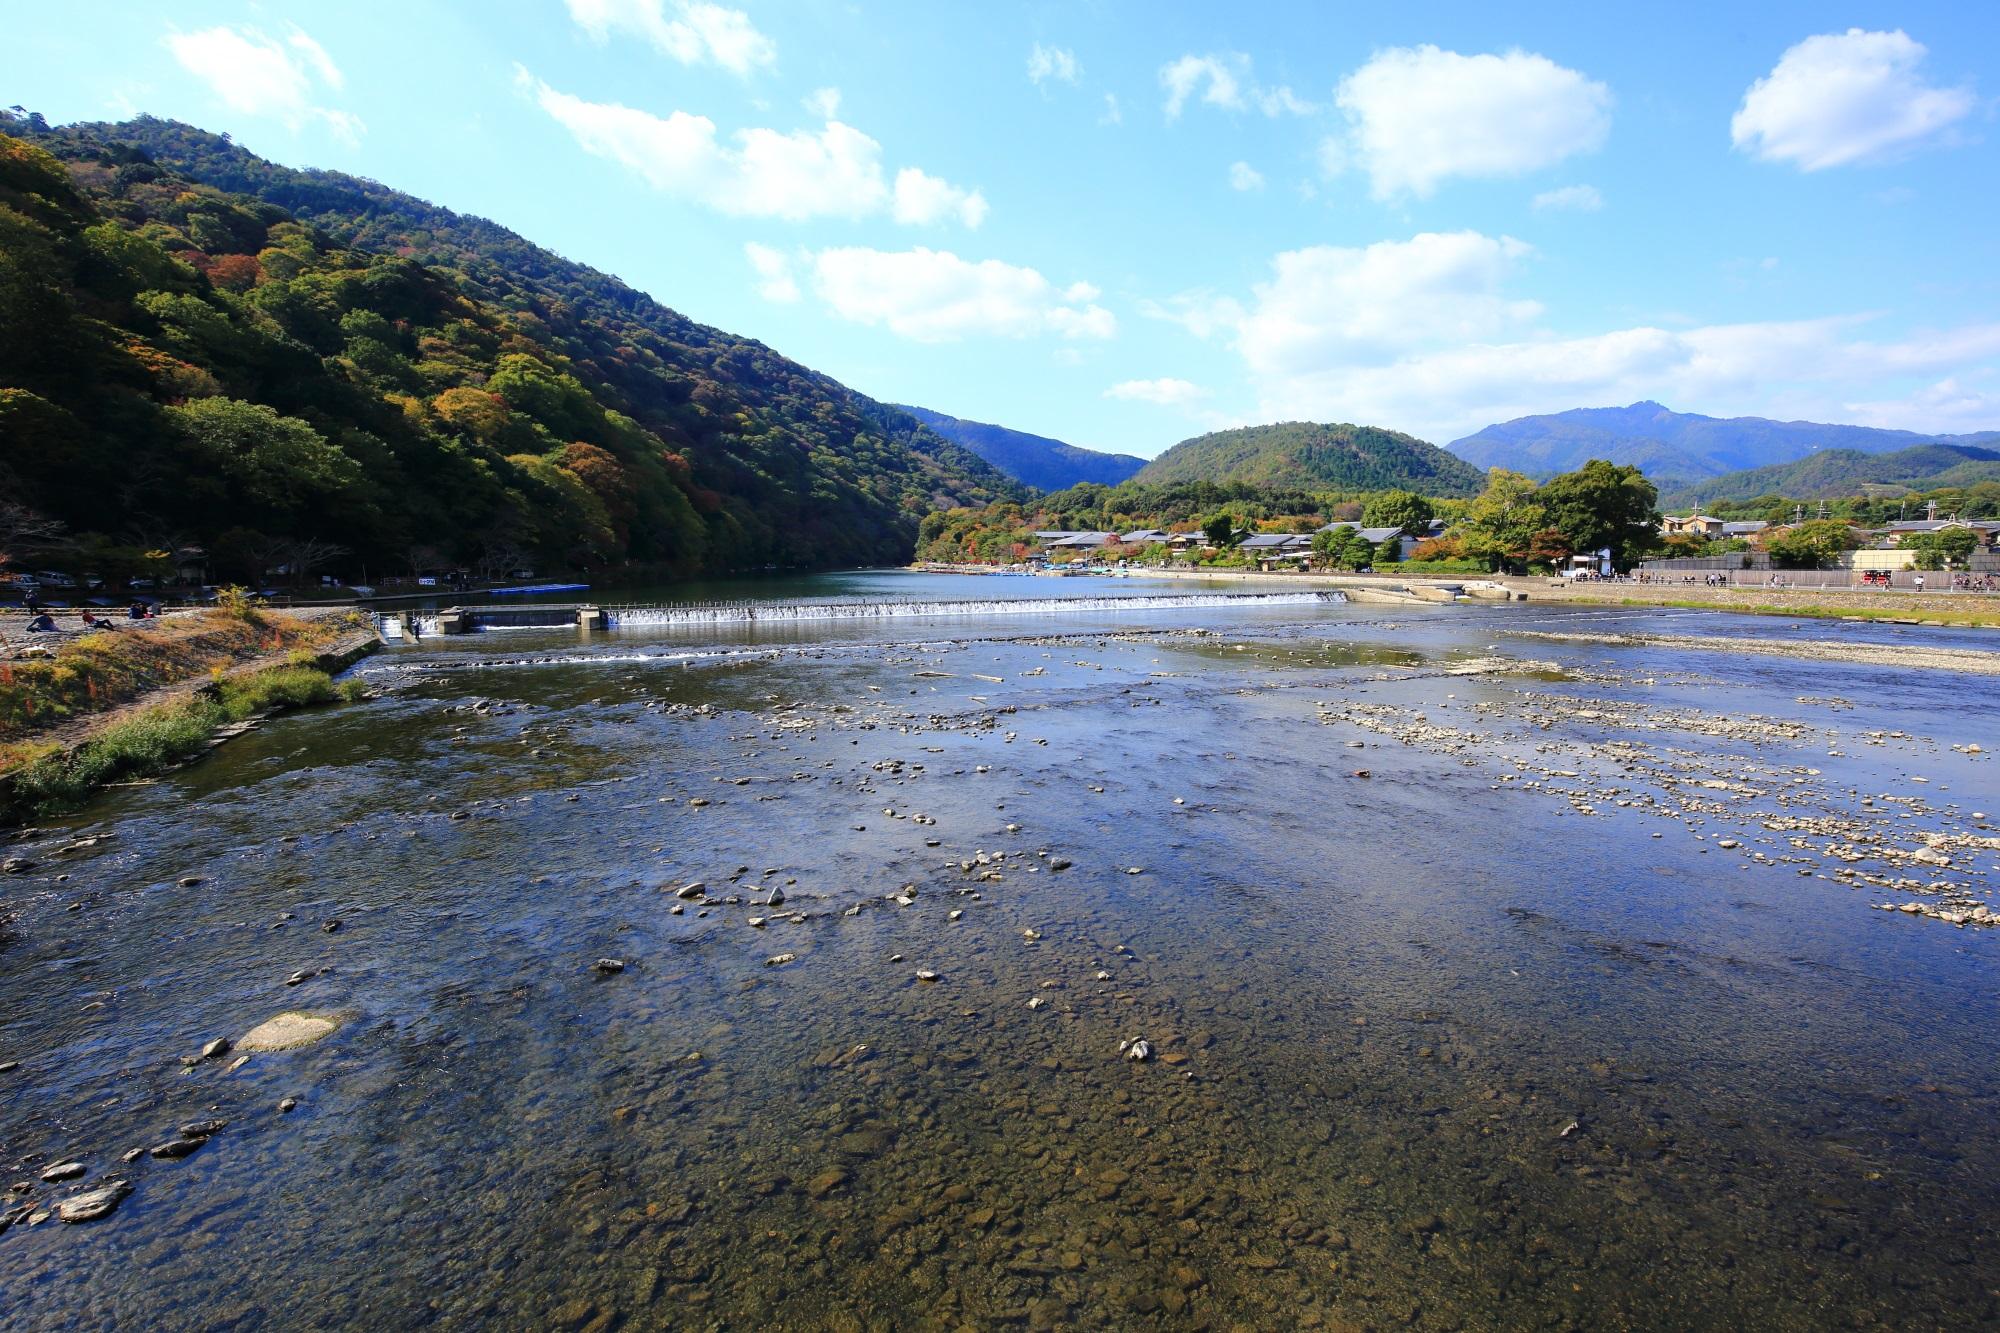 渡月橋から眺める桂川と嵐山と清々しい空